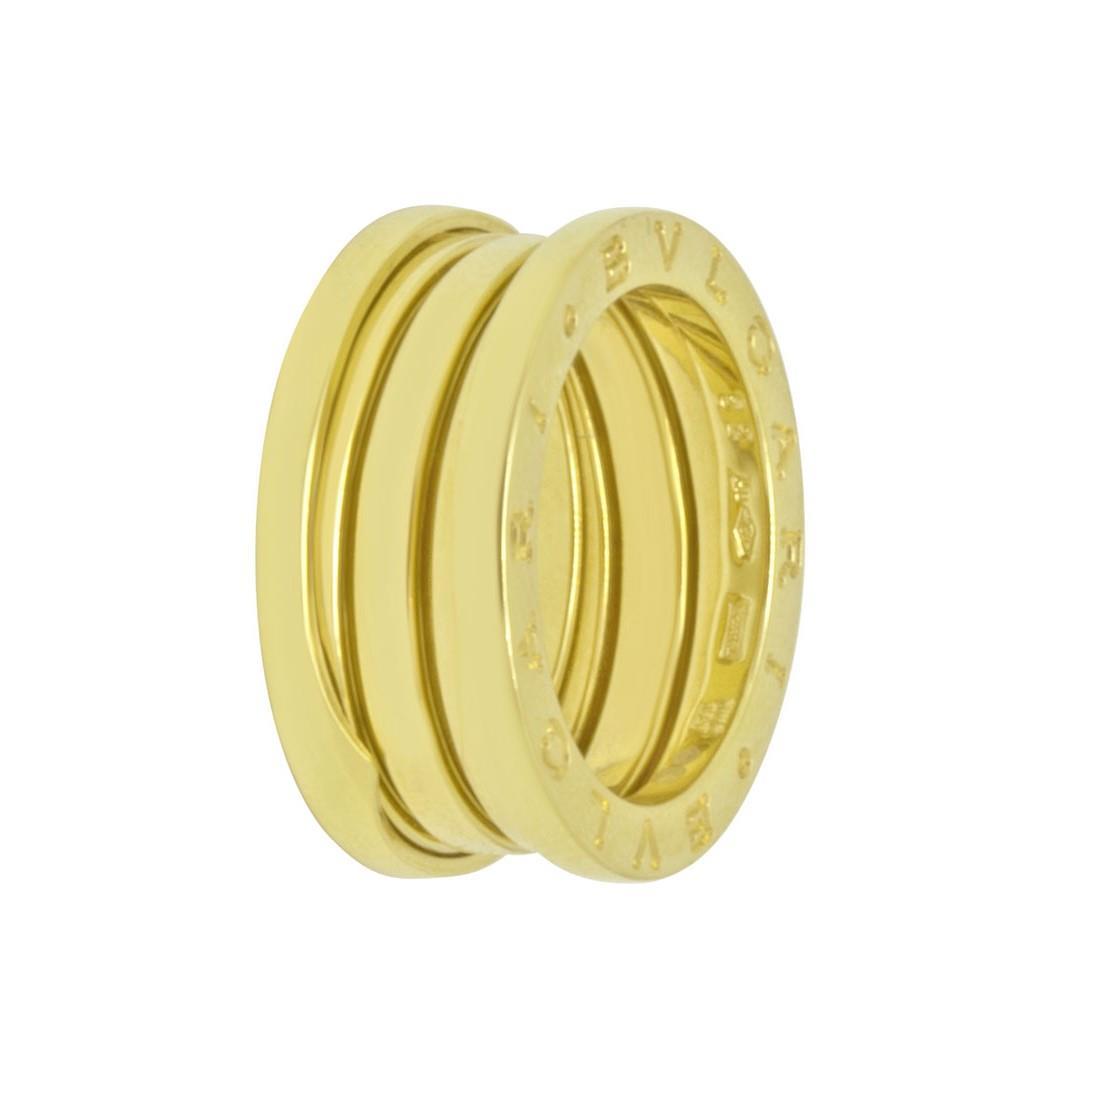 Anello a 3 fasce in oro giallo, misura 12 - BULGARI